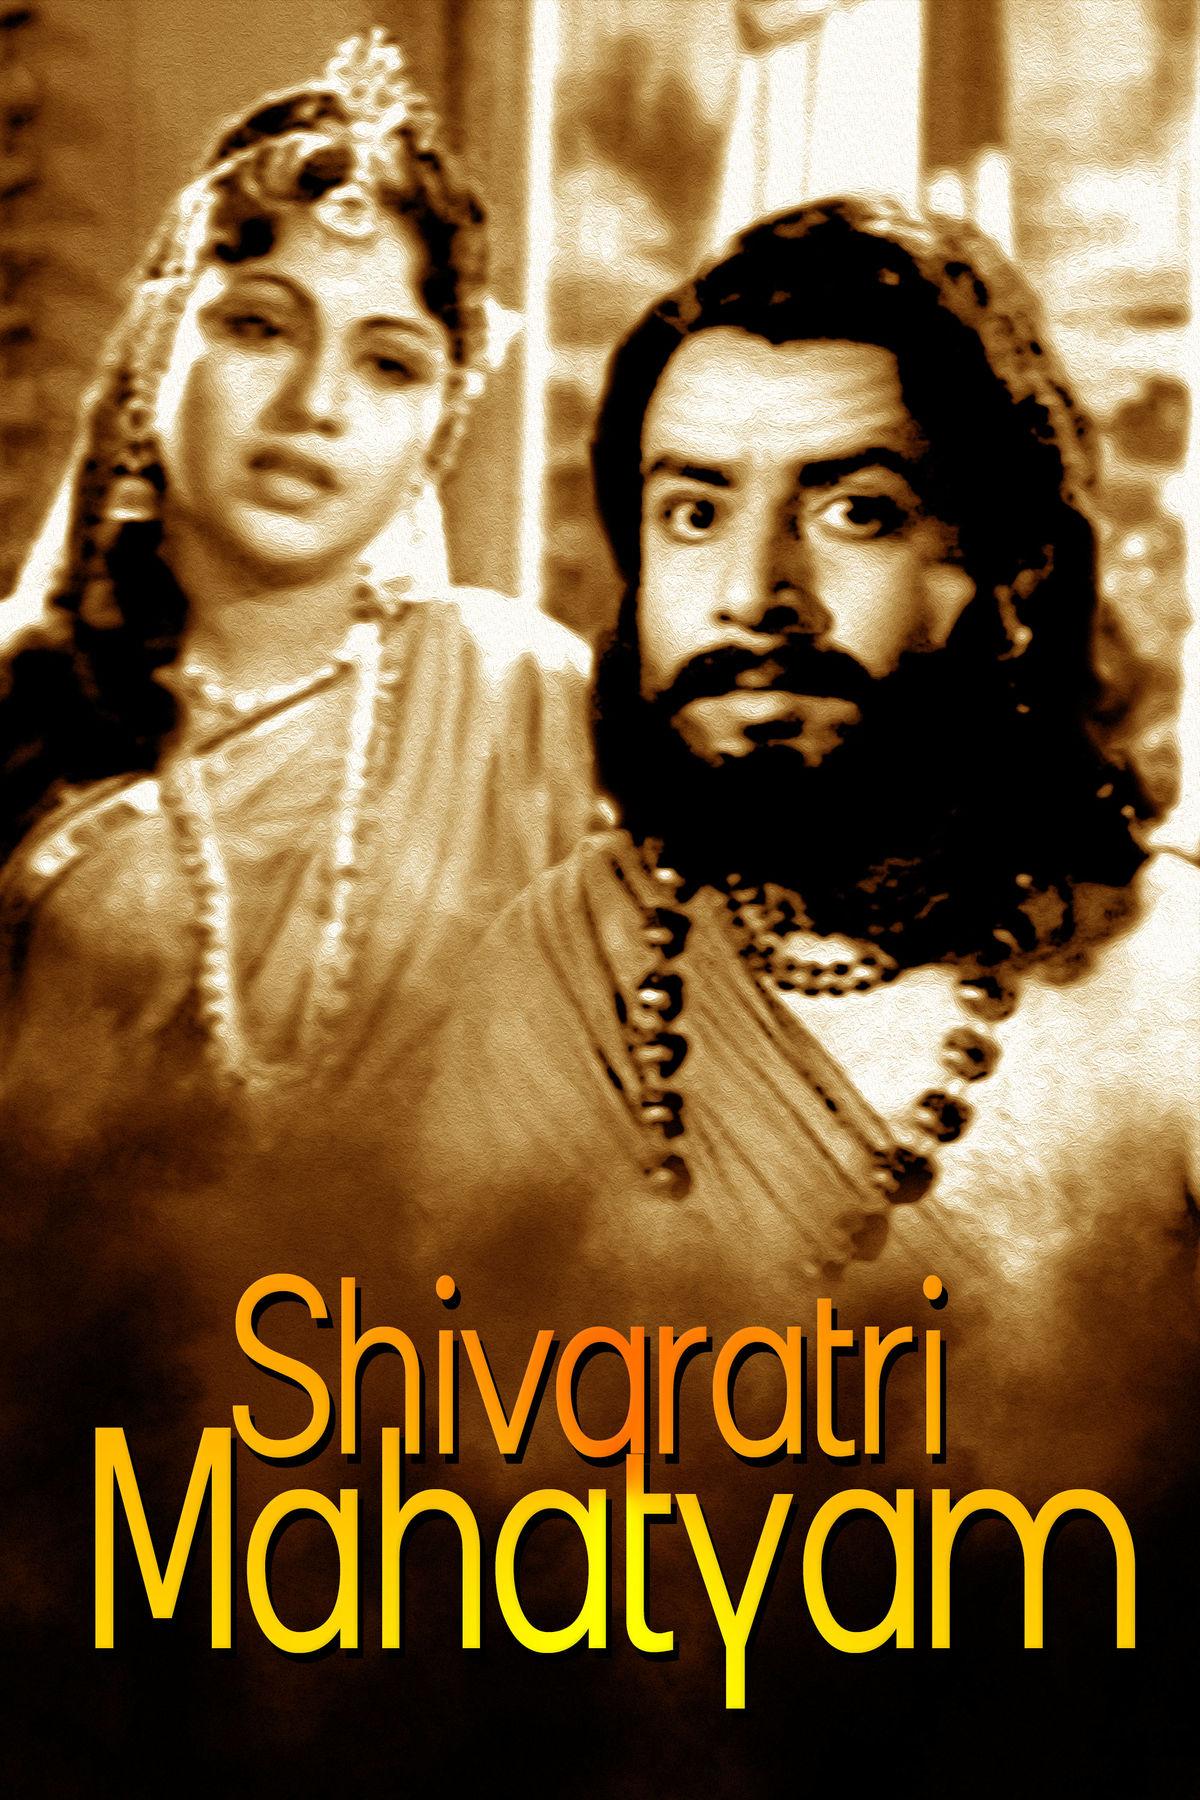 Shivaratri Mahatyam